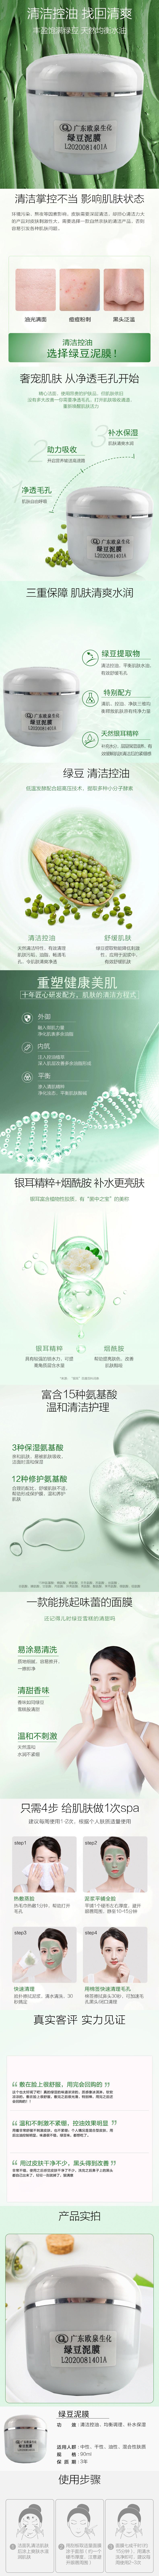 绿豆泥膜-欧泉生化